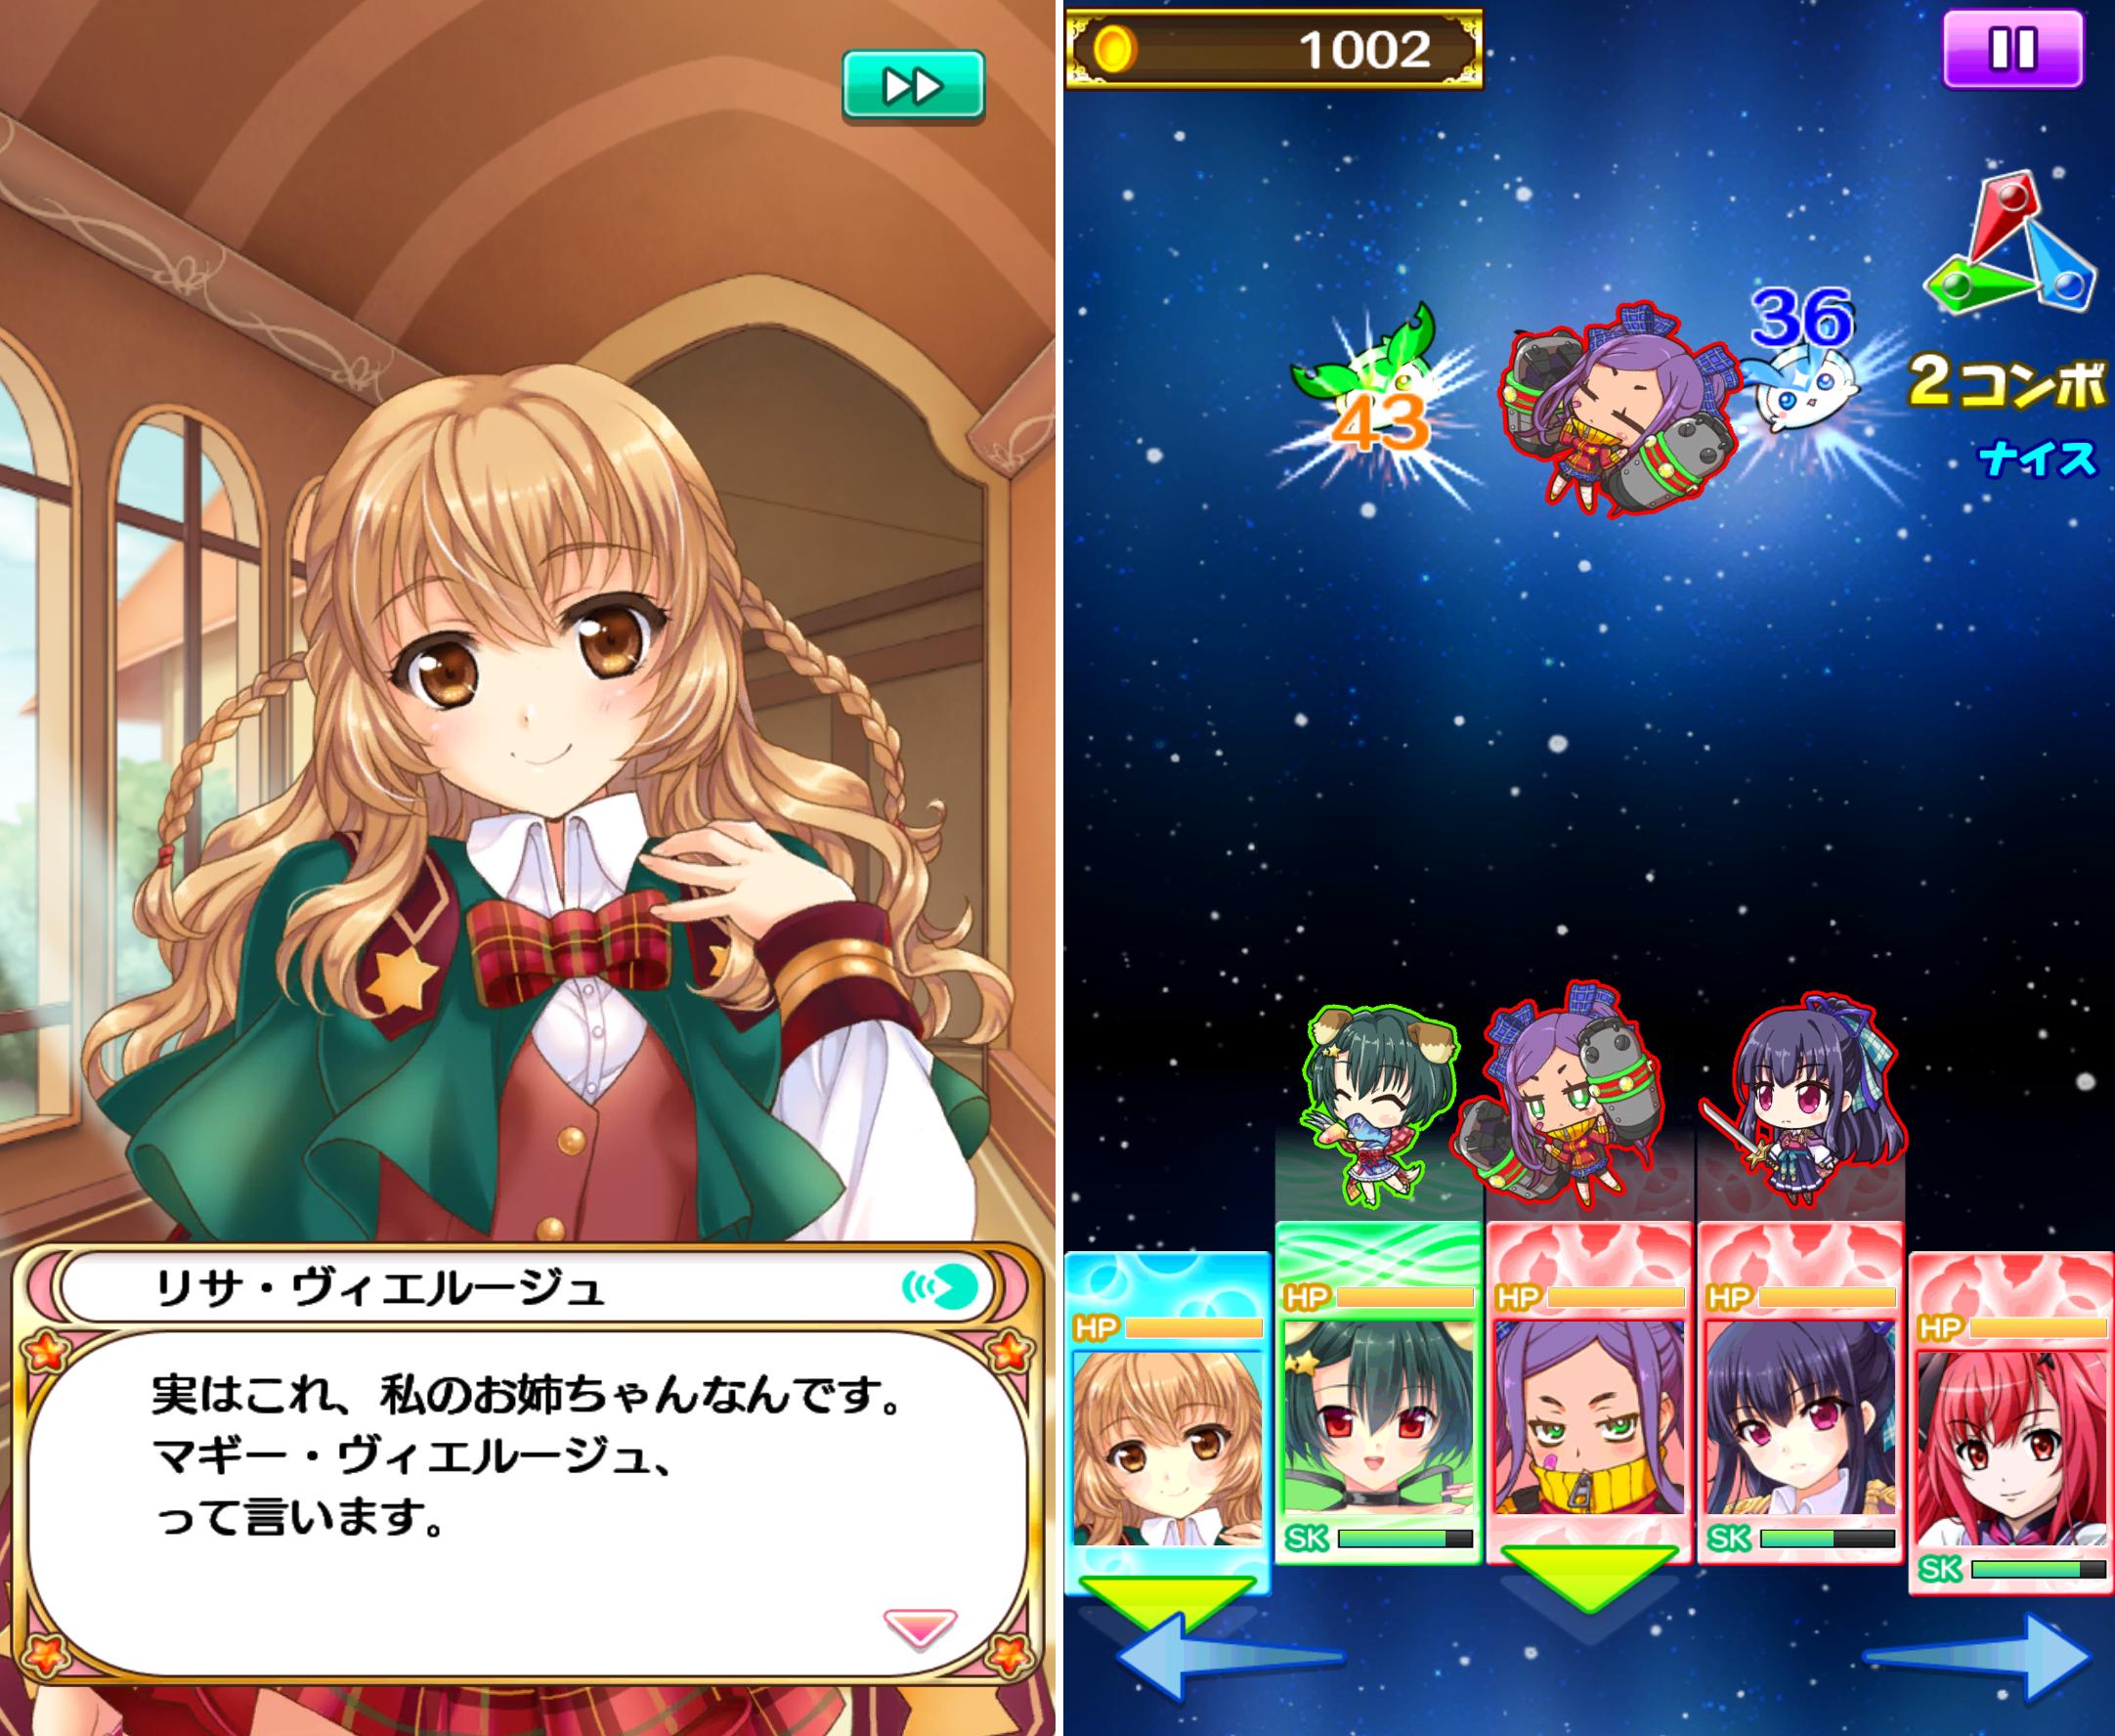 プリスタ「プリンセス オブ スターズ」 androidアプリスクリーンショット1